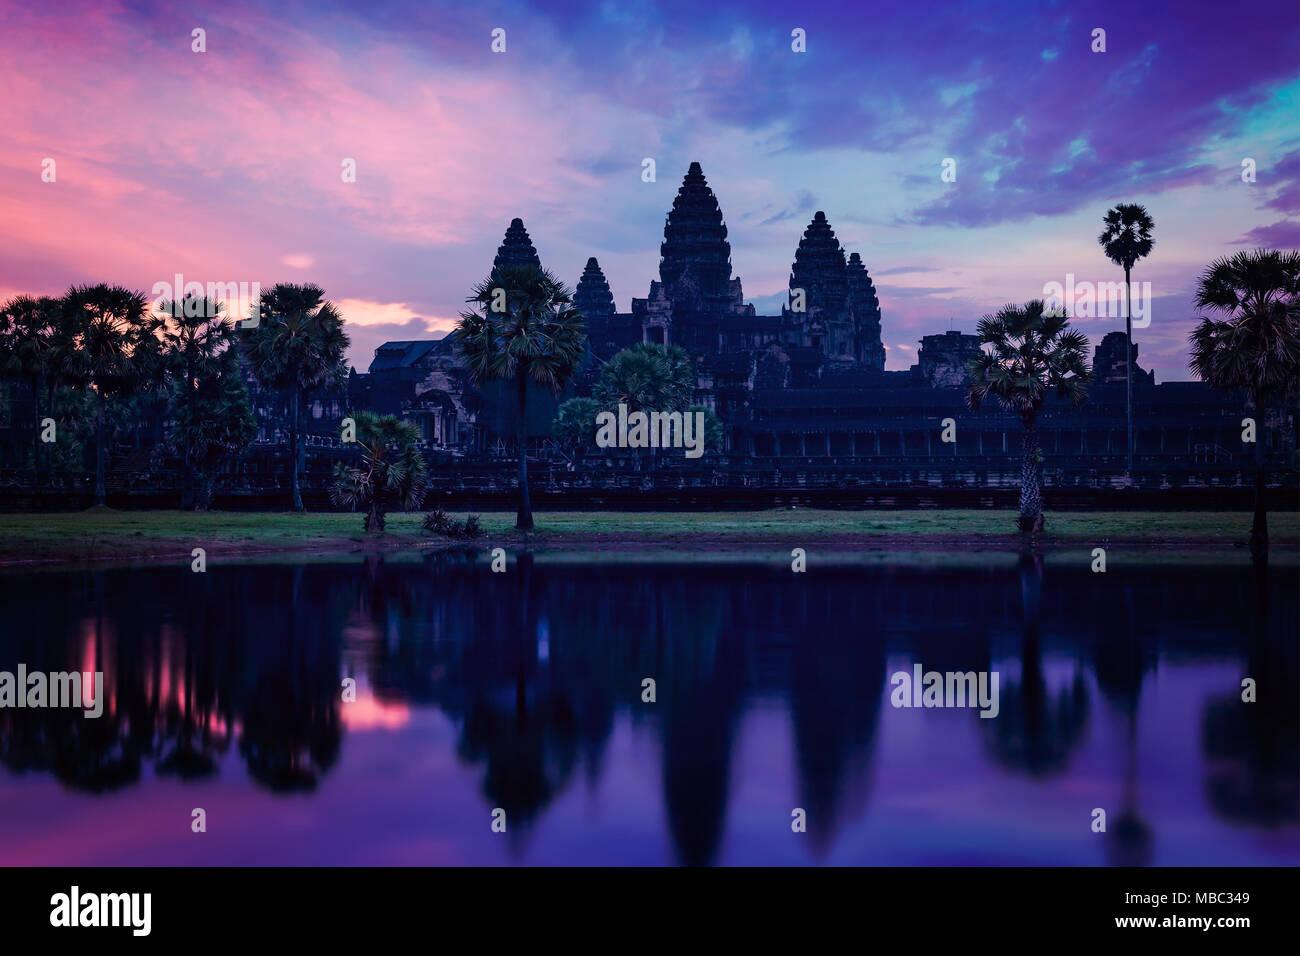 Angkor Wat - berühmten Kambodschanischen Wahrzeichen - von Sonnenaufgang Stockbild